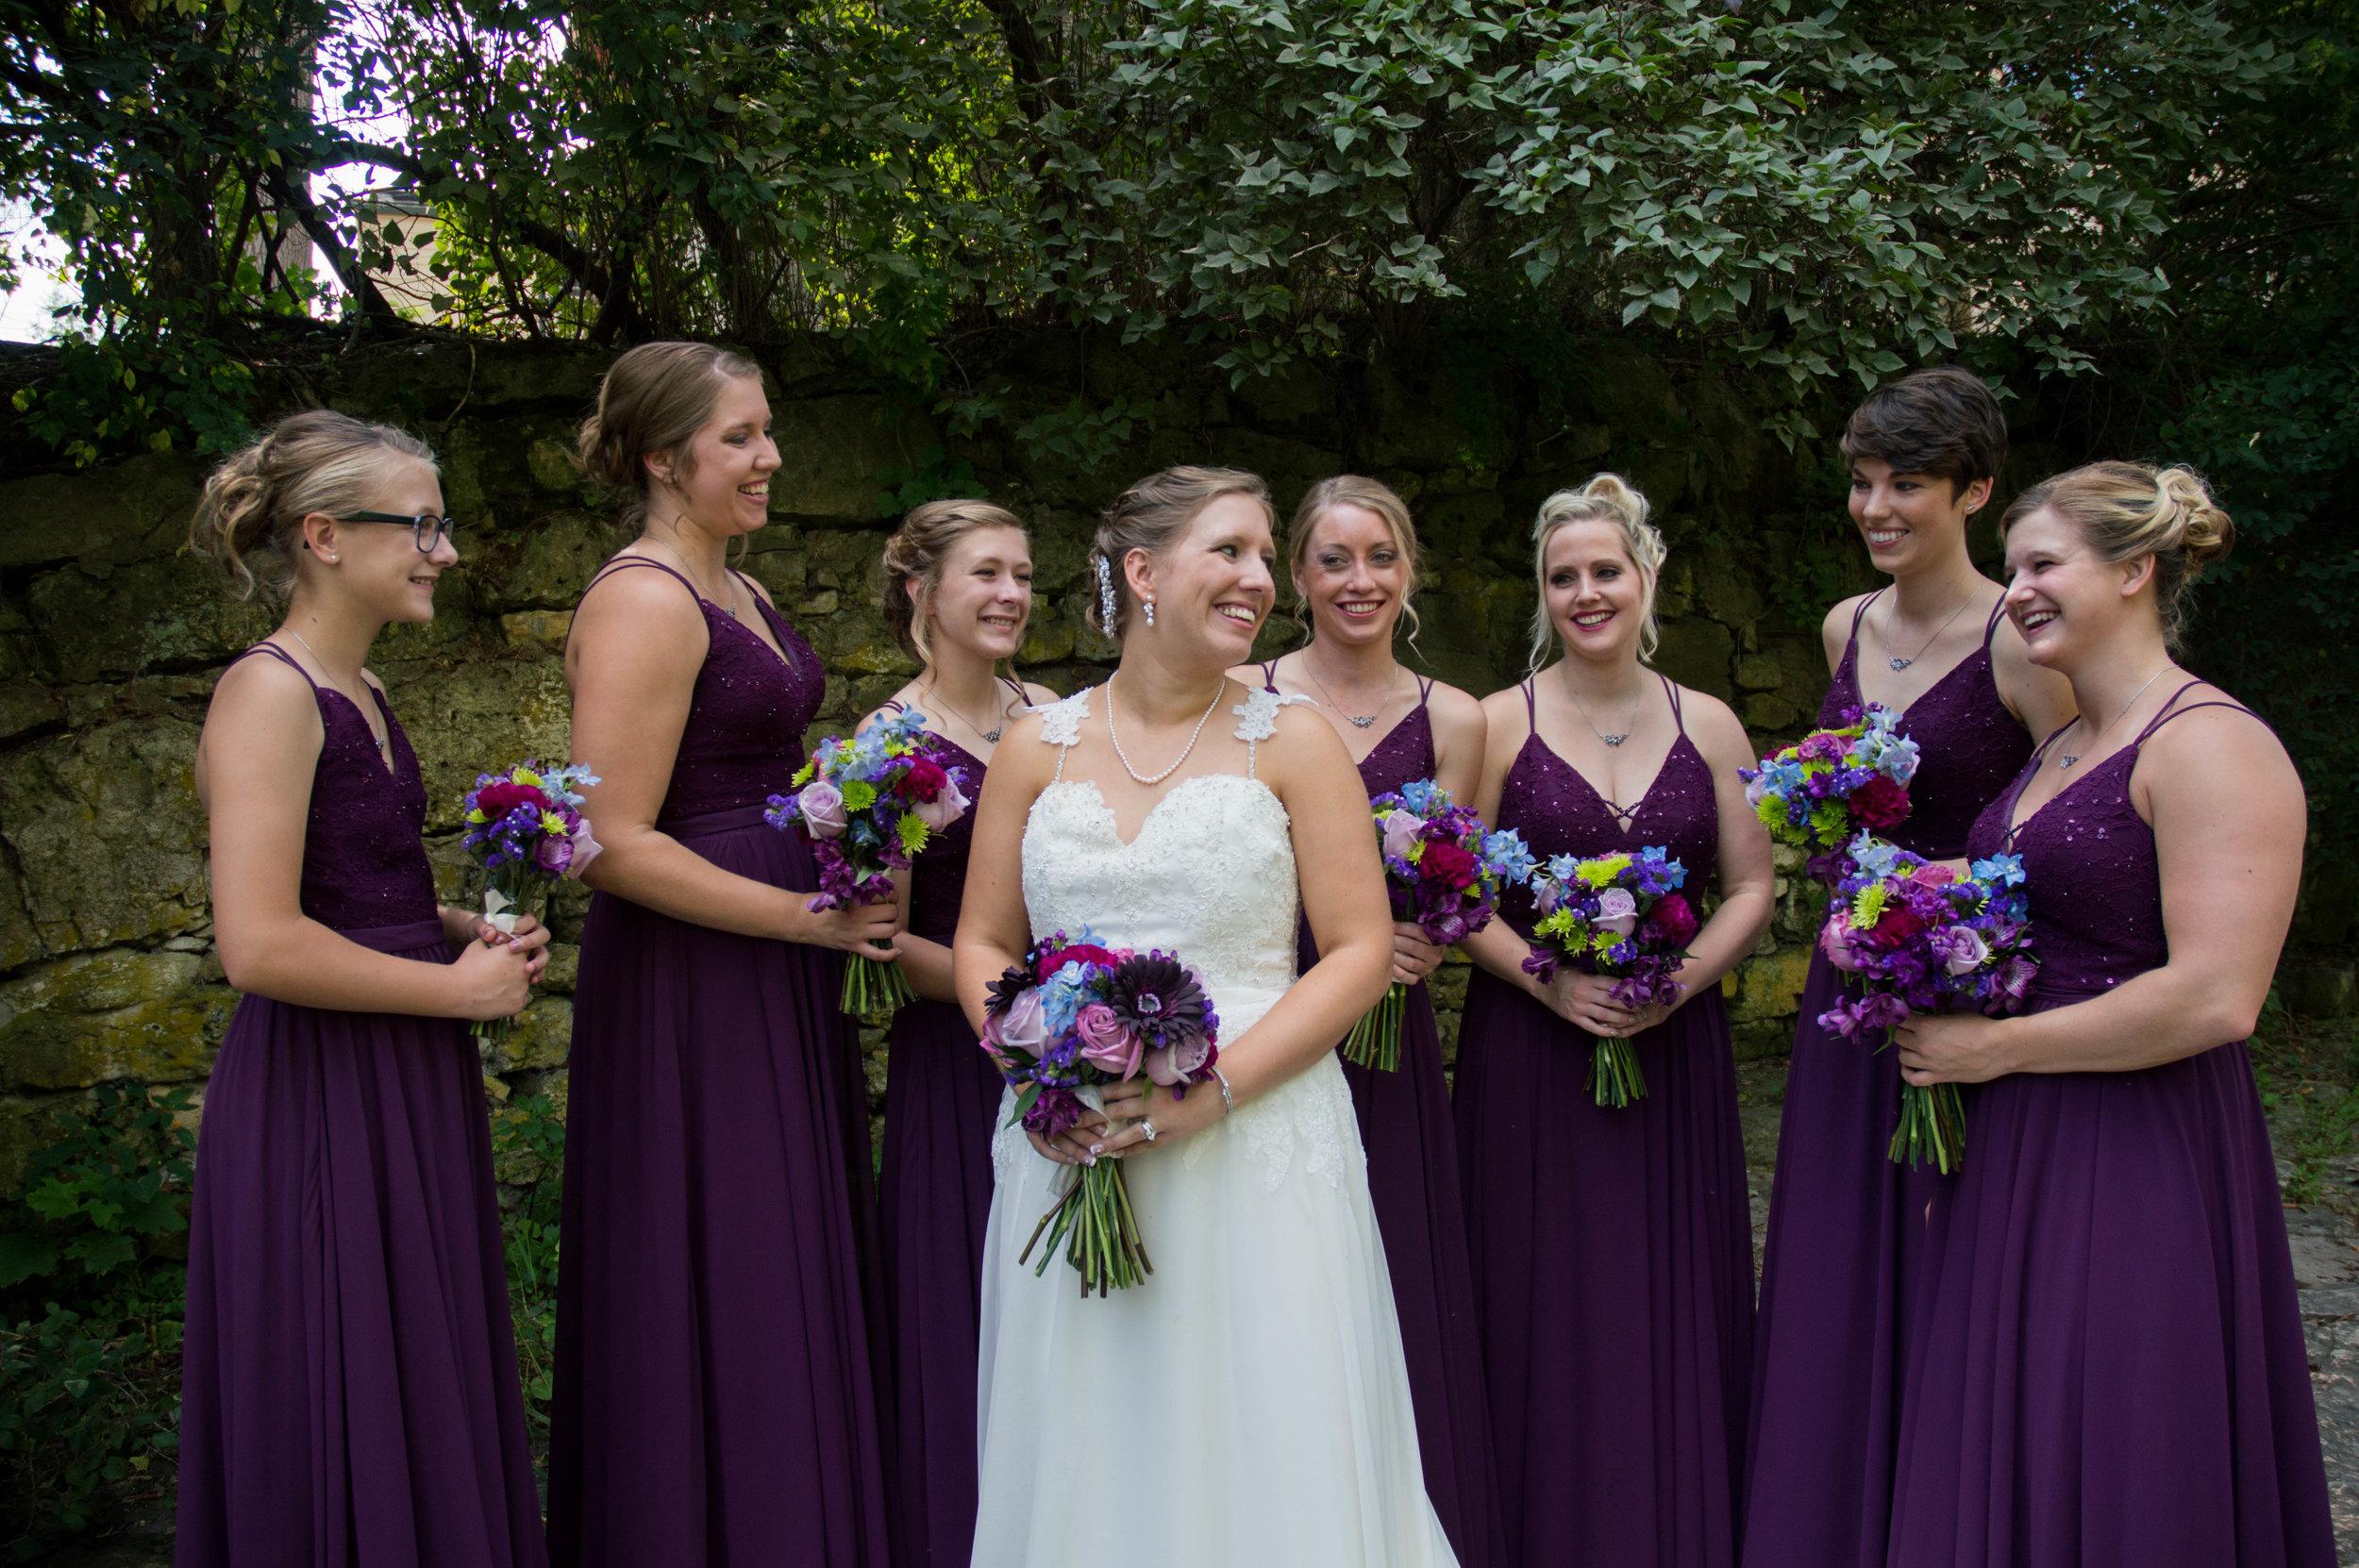 Wisconsin Bride, Menomonee Falls, Wisconsin Wedding Photographer